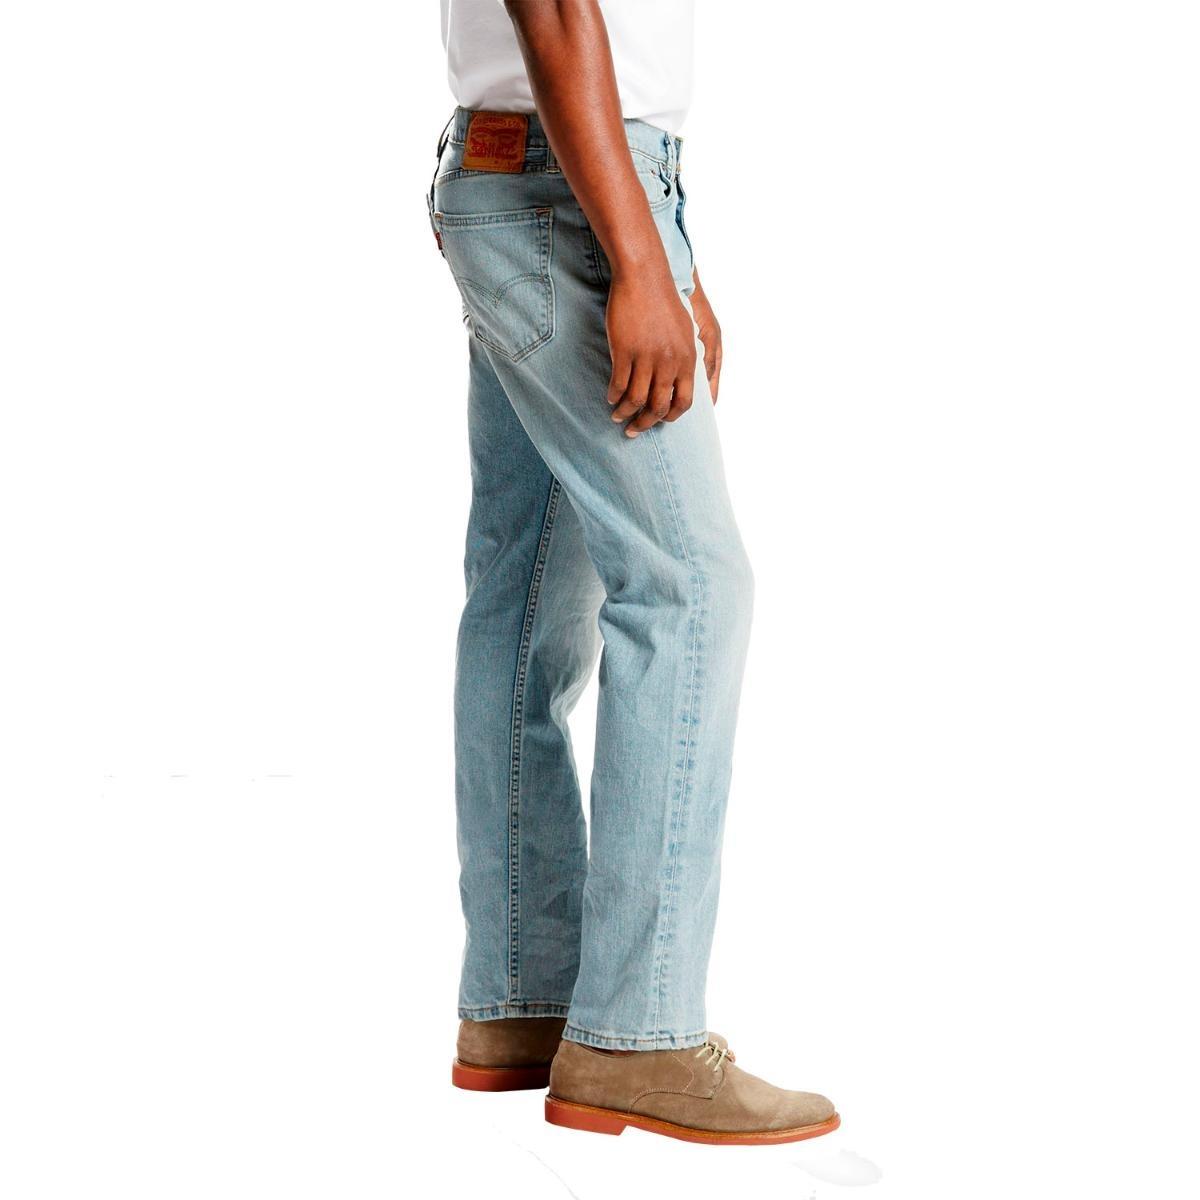 1ac6e456626e3 Carregando zoom... calça jeans levis masculino 505 regular clara